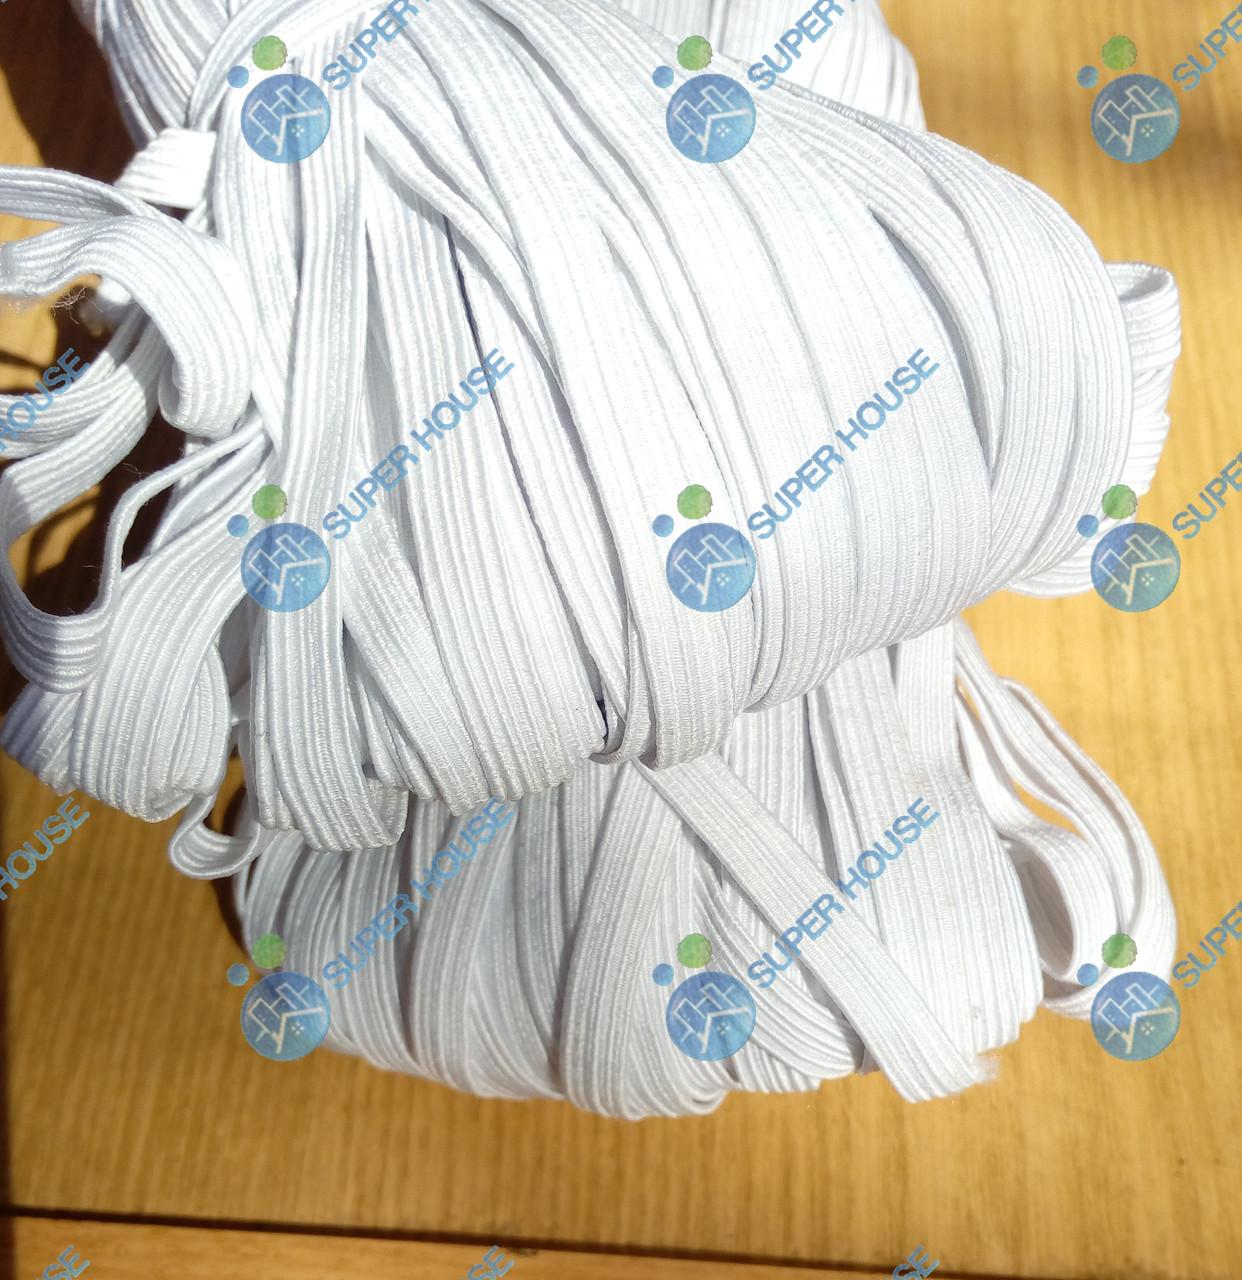 Резинка для білизни плетена 7-8мм синтетика 100м біла